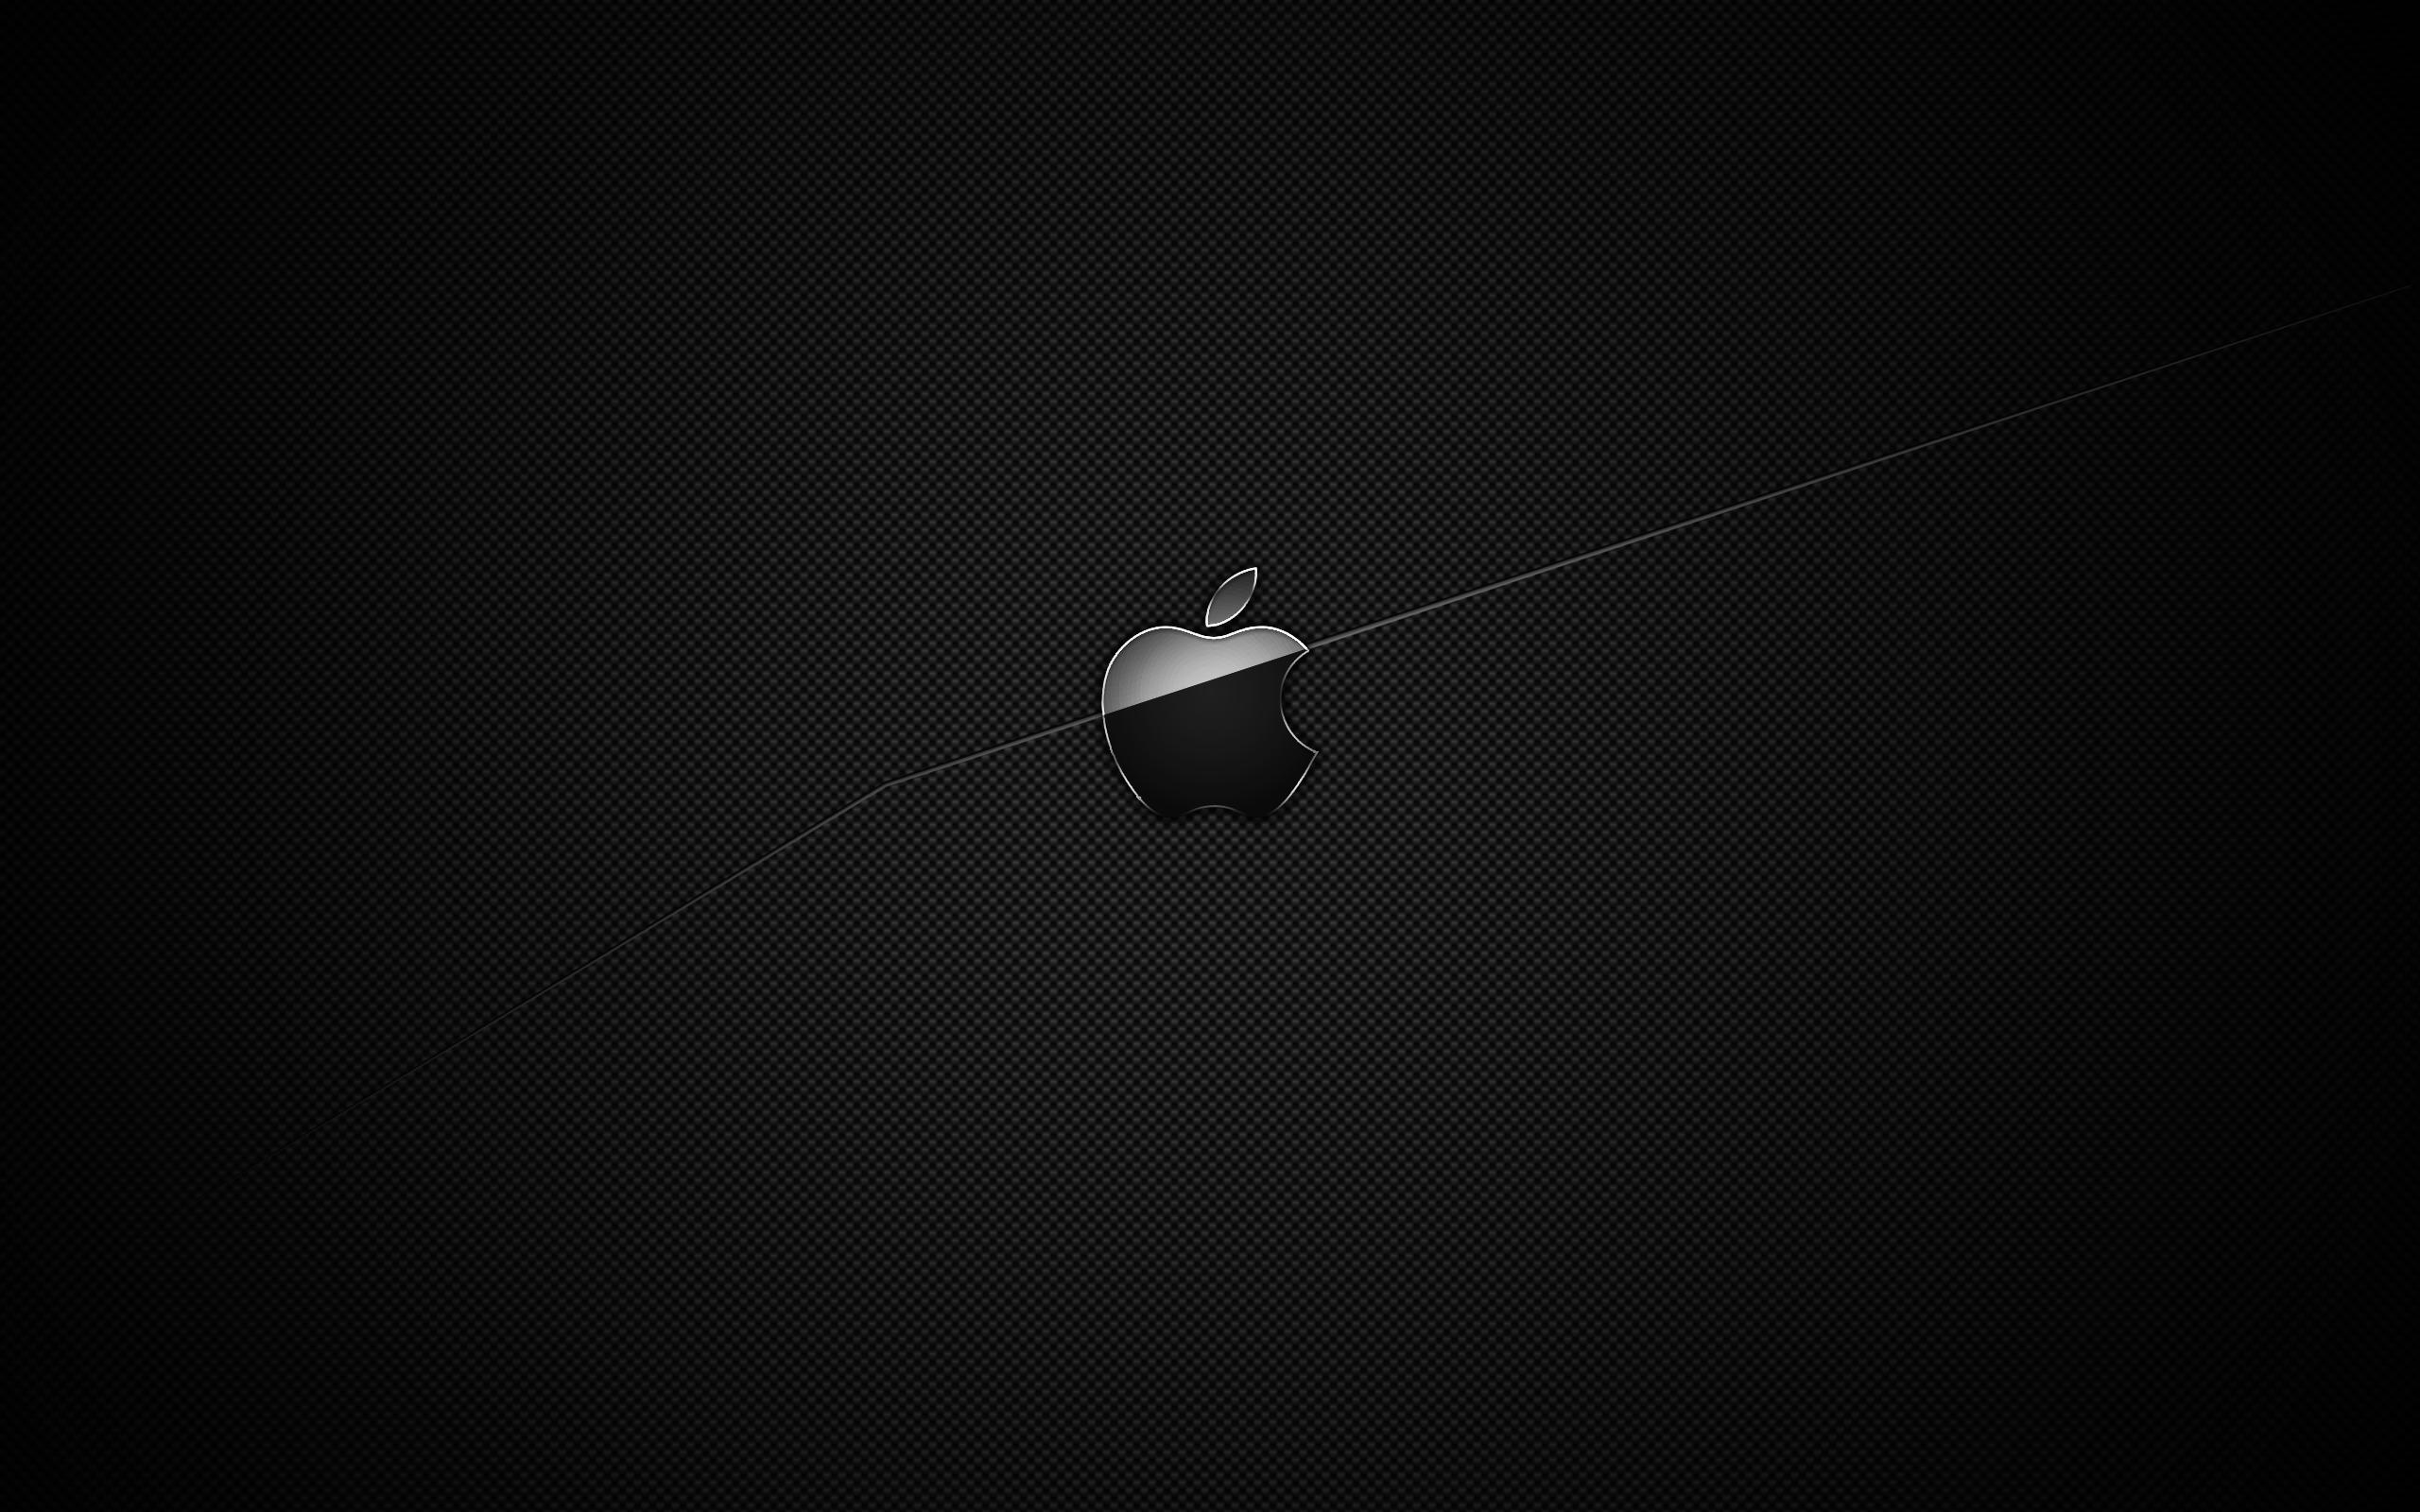 mac-fond-ecran-by-apple_02